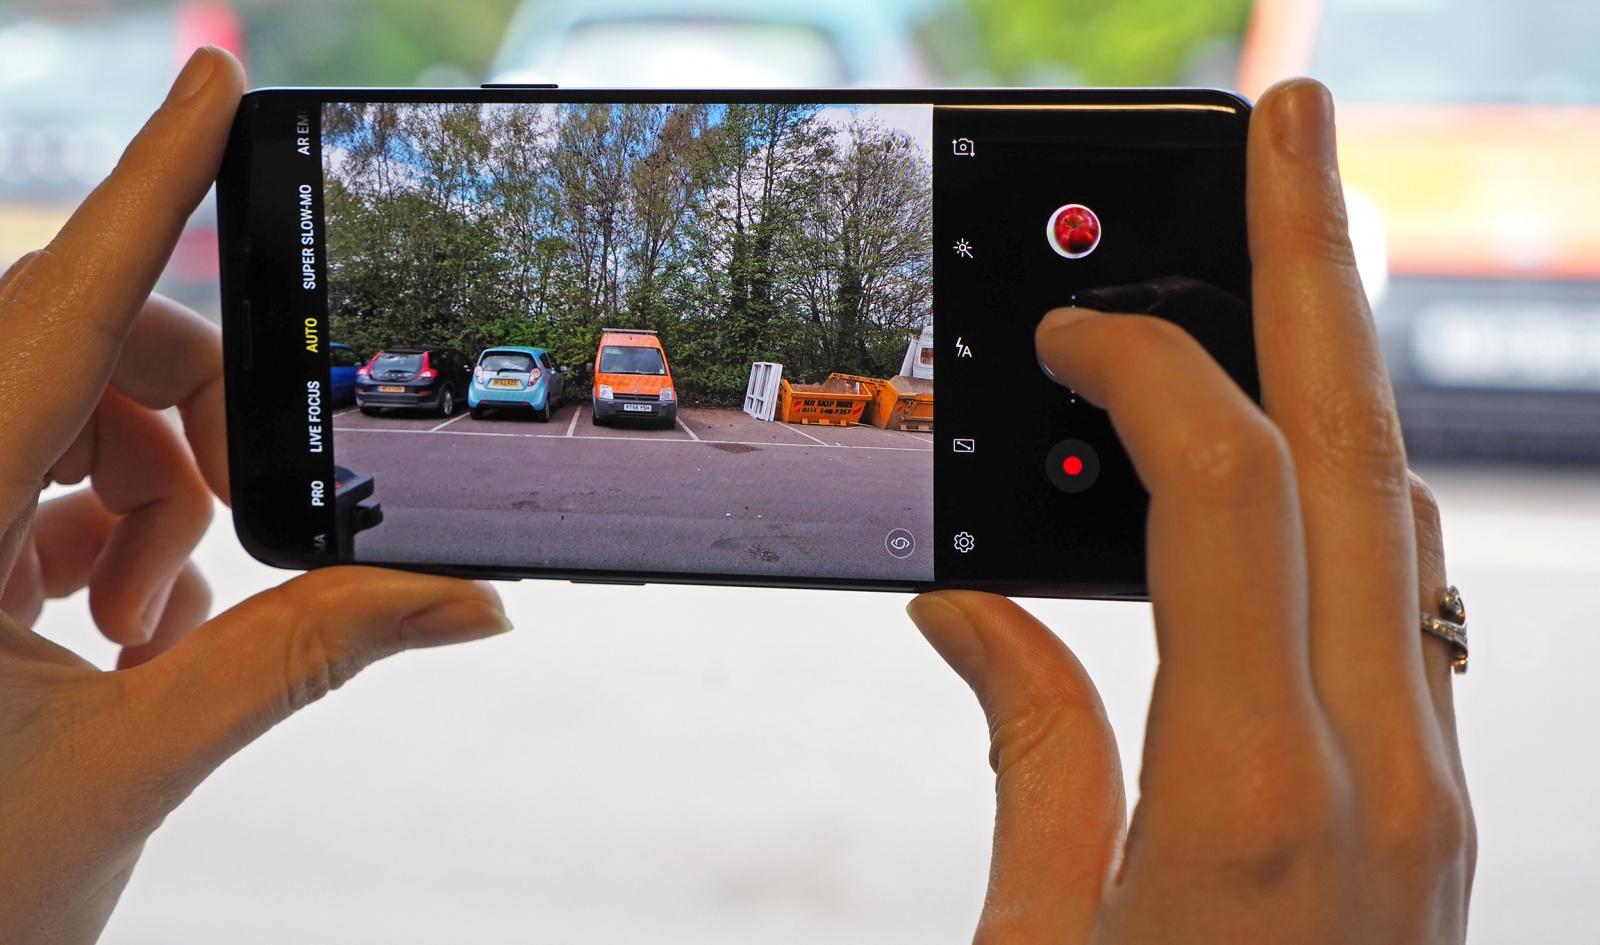 Исследователи обещают избавиться от выступающих камер в смартфонах: создали новые линзы - 1